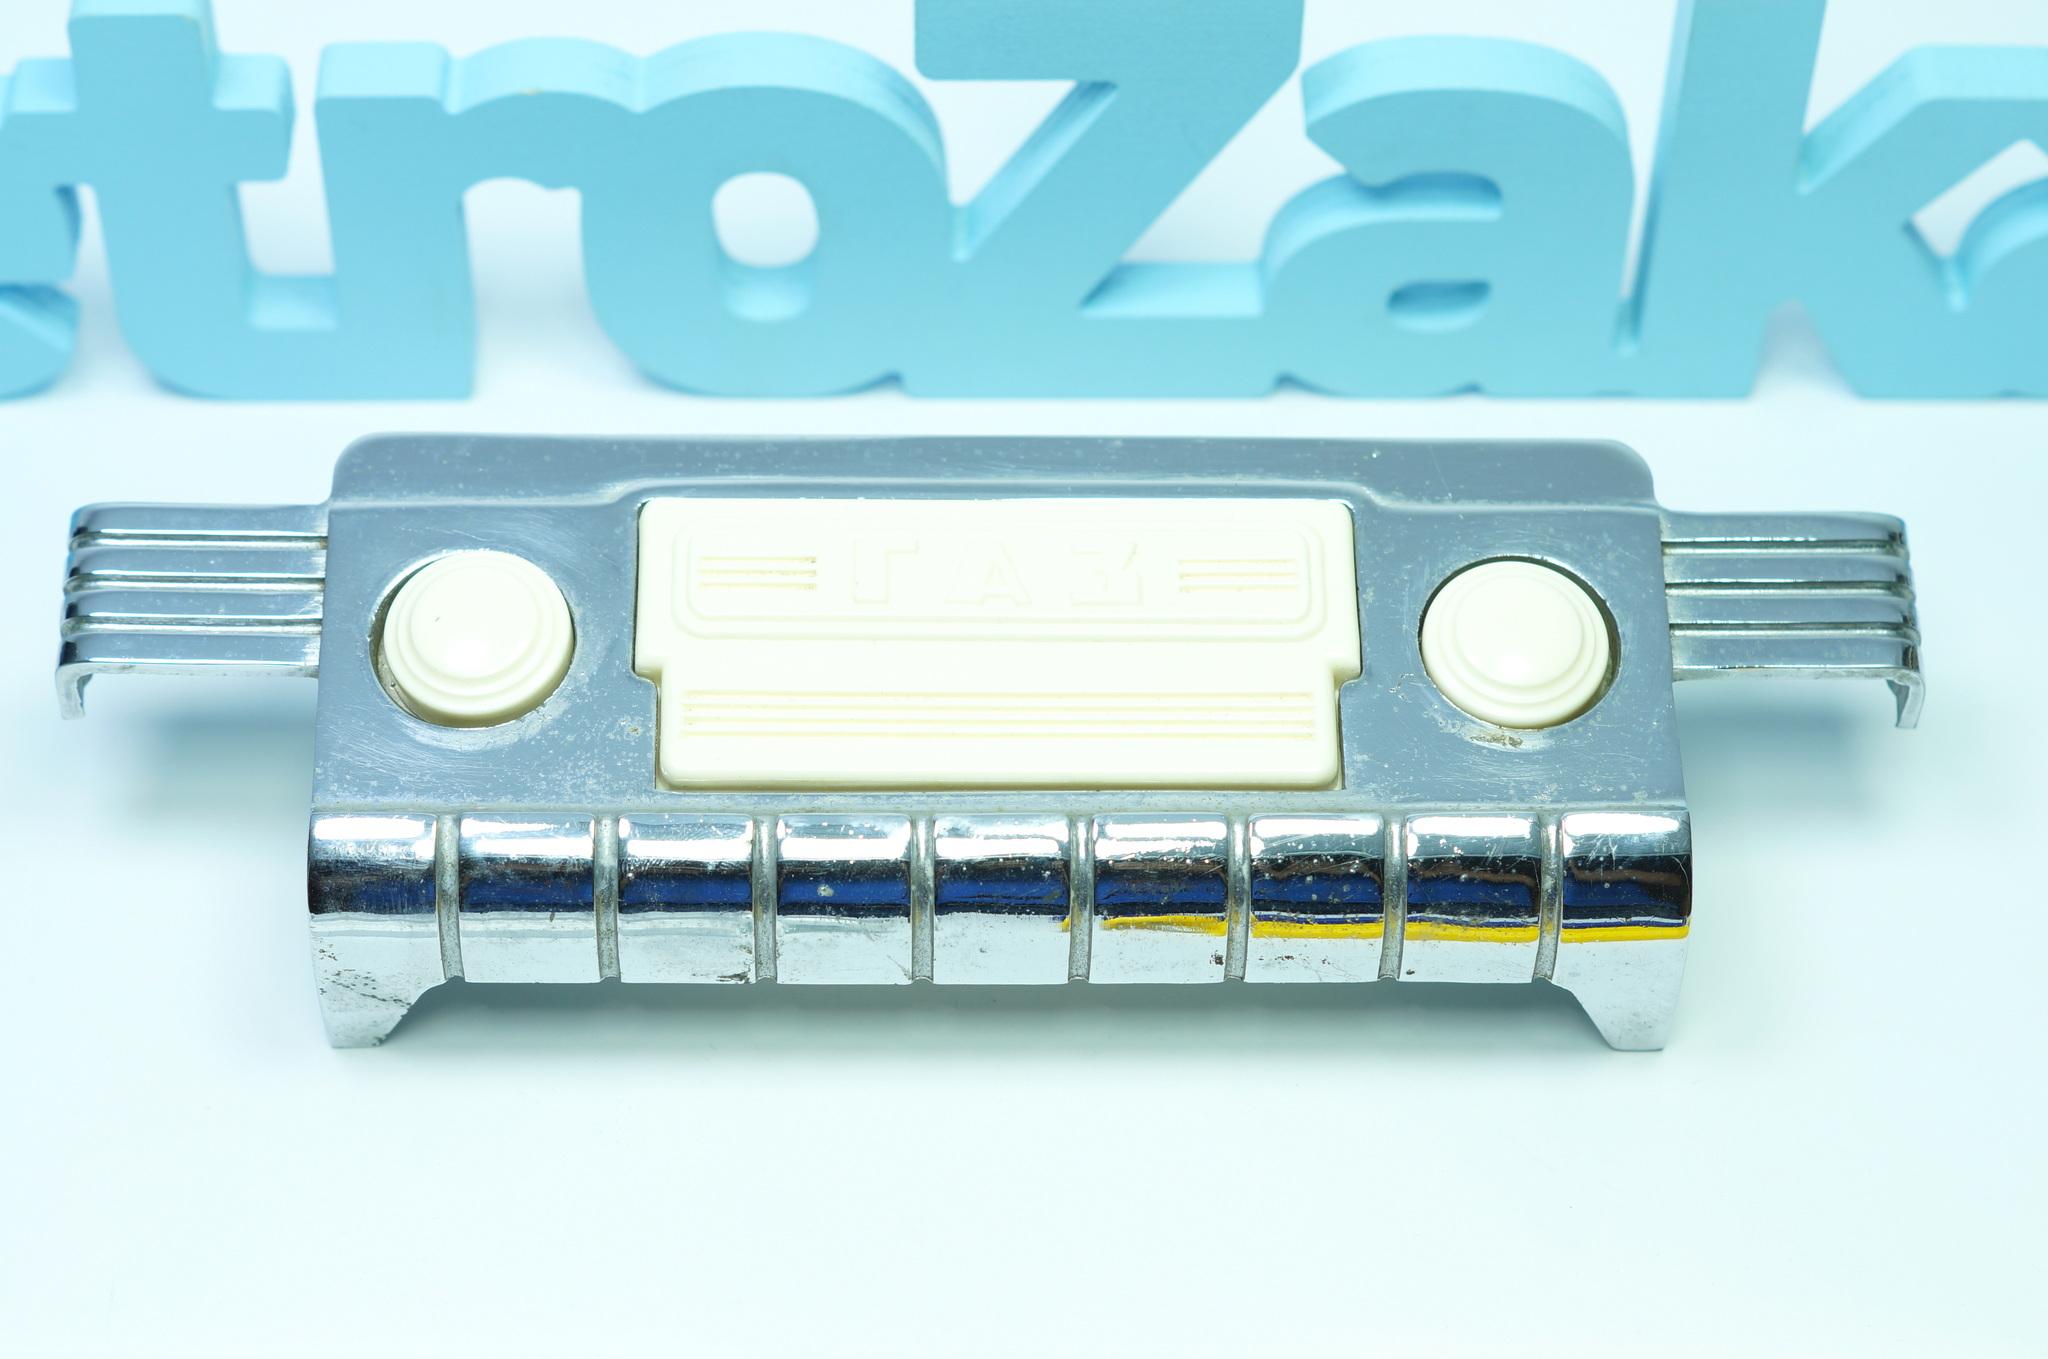 Заглушка радиоприёмника Газ 21